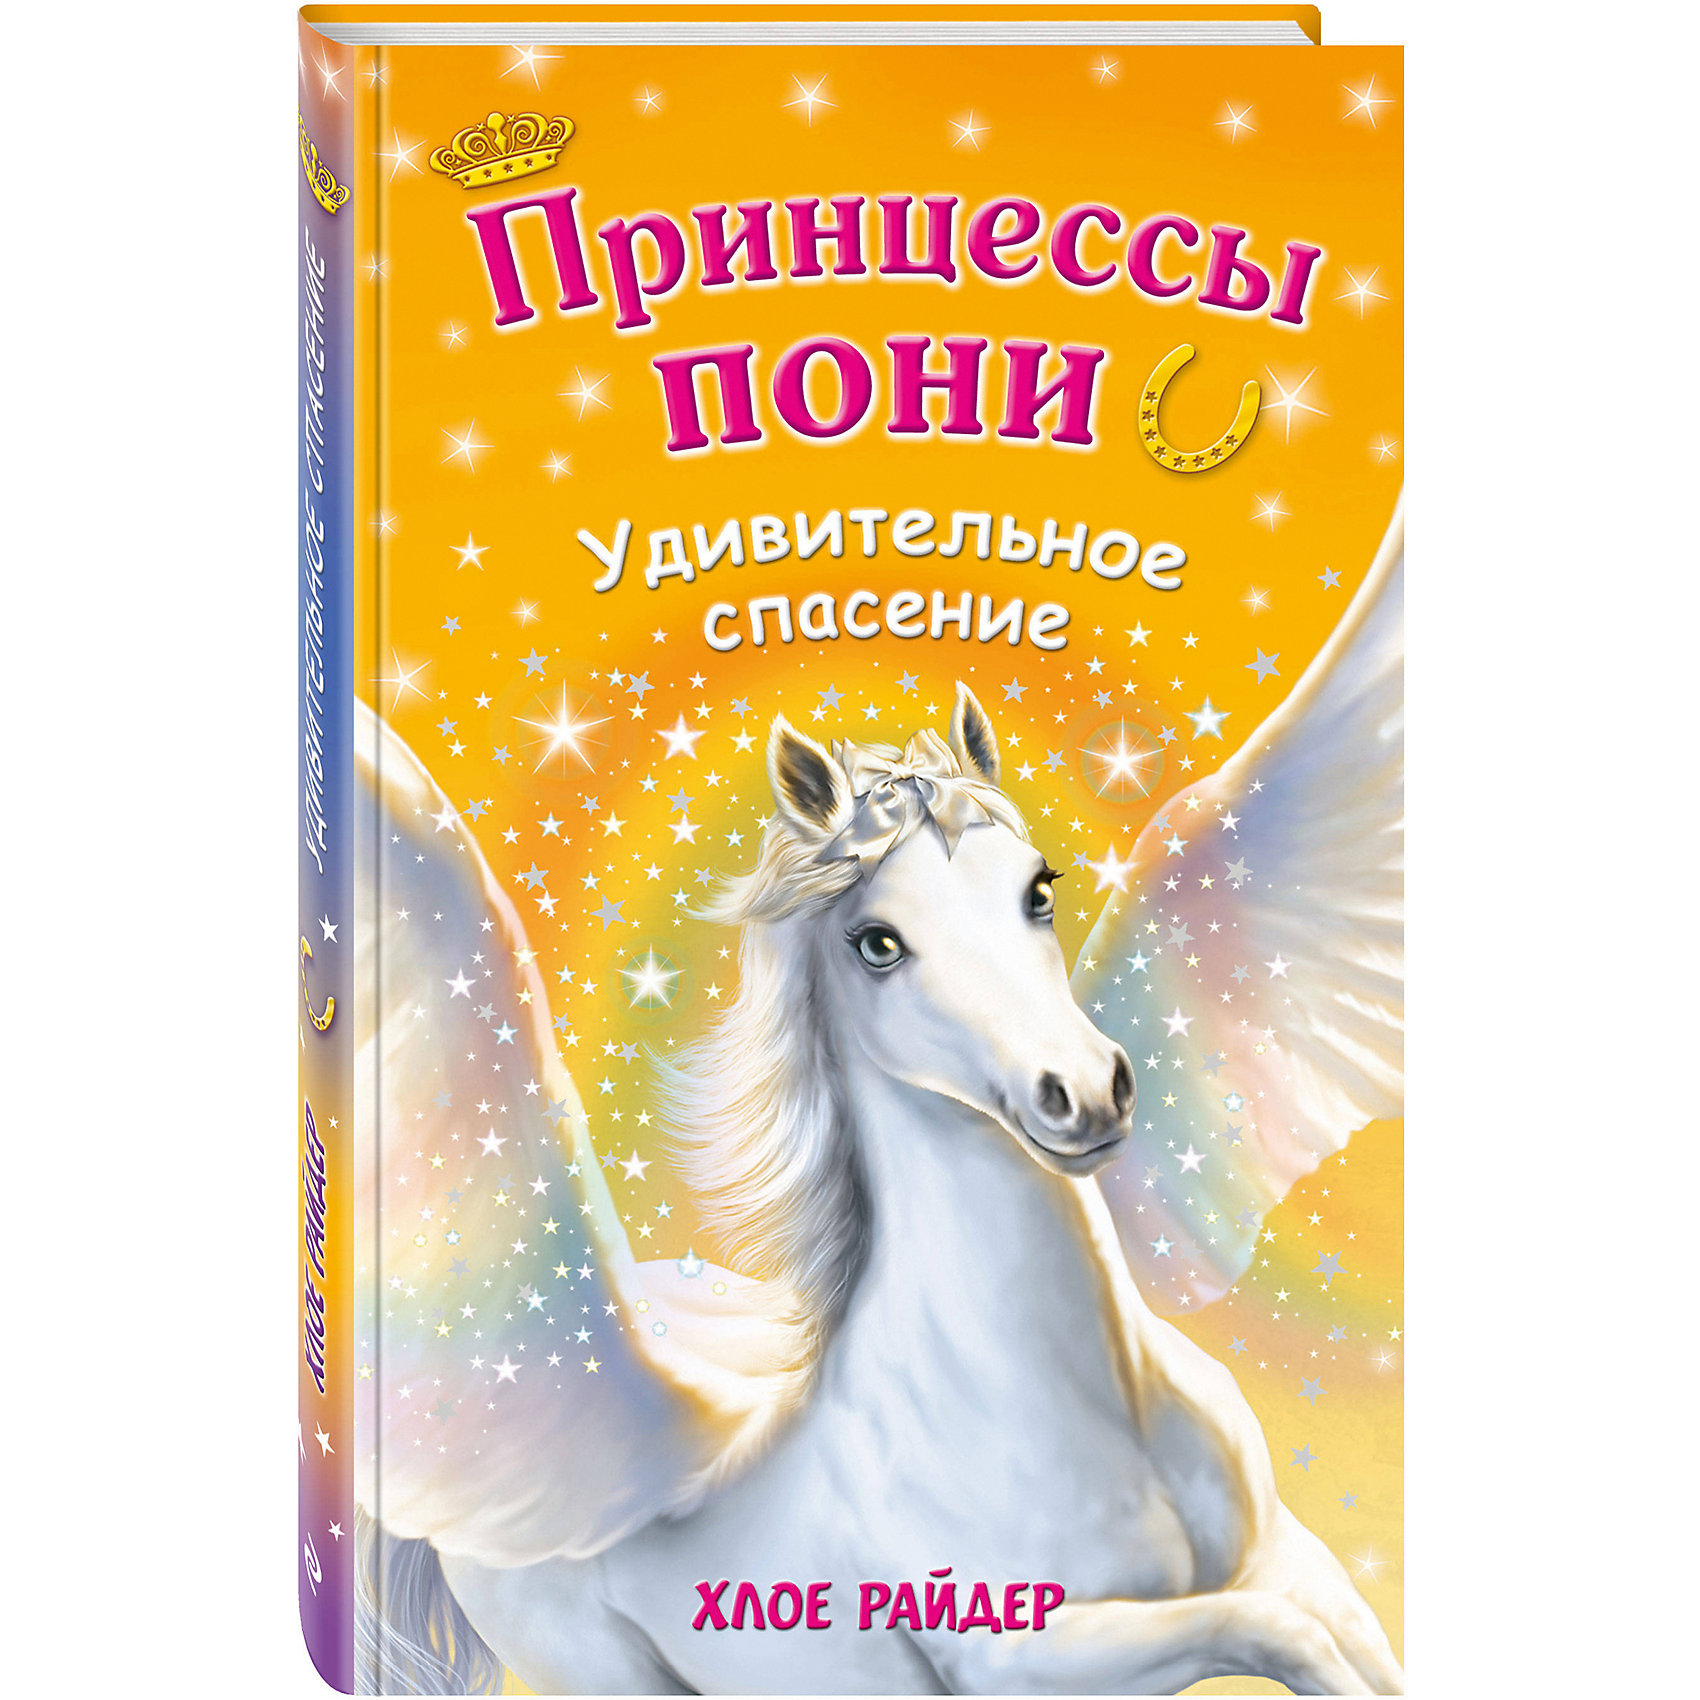 Удивительное спасение, серия Принцессы Пони, Х. РайдерКниги для девочек<br>На страницах книги Удивительное спасение, Эксмо, Вашего ребенка ждут увлекательные сказочные истории и необыкновенные приключения в волшебной стране. Вместе с маленькой героиней - девочкой Пиппой он познакомится с настоящим волшебным пони и отправится на поиски пропавших подков. Для этого принцессе Звездочке даже пришлось забрести в Дикий лес, куда всем пони строго-настрого запрещено ходить. Оказалось, что все это время подковы находились совсем рядом, но заполучить их не так-то просто.<br>Неожиданно на помощь героям приходит пегас...<br><br>Дополнительная информация:<br><br>- Серия: Принцессы пони. Приключения в волшебной стране.<br>- Автор: Хлое Райдер.<br>- Художник: Майлс Дженифер.<br>- Обложка: твердый переплет.<br>- Иллюстрации: цветные.<br>- Объем: 160 стр. <br>- Формат книги: 13 х 20 см.<br>- Вес: 0,284 кг.<br><br>Книгу Удивительное спасение, Эксмо, можно купить в нашем интернет-магазине.<br><br>Ширина мм: 207<br>Глубина мм: 135<br>Высота мм: 15<br>Вес г: 282<br>Возраст от месяцев: 60<br>Возраст до месяцев: 96<br>Пол: Унисекс<br>Возраст: Детский<br>SKU: 4006466